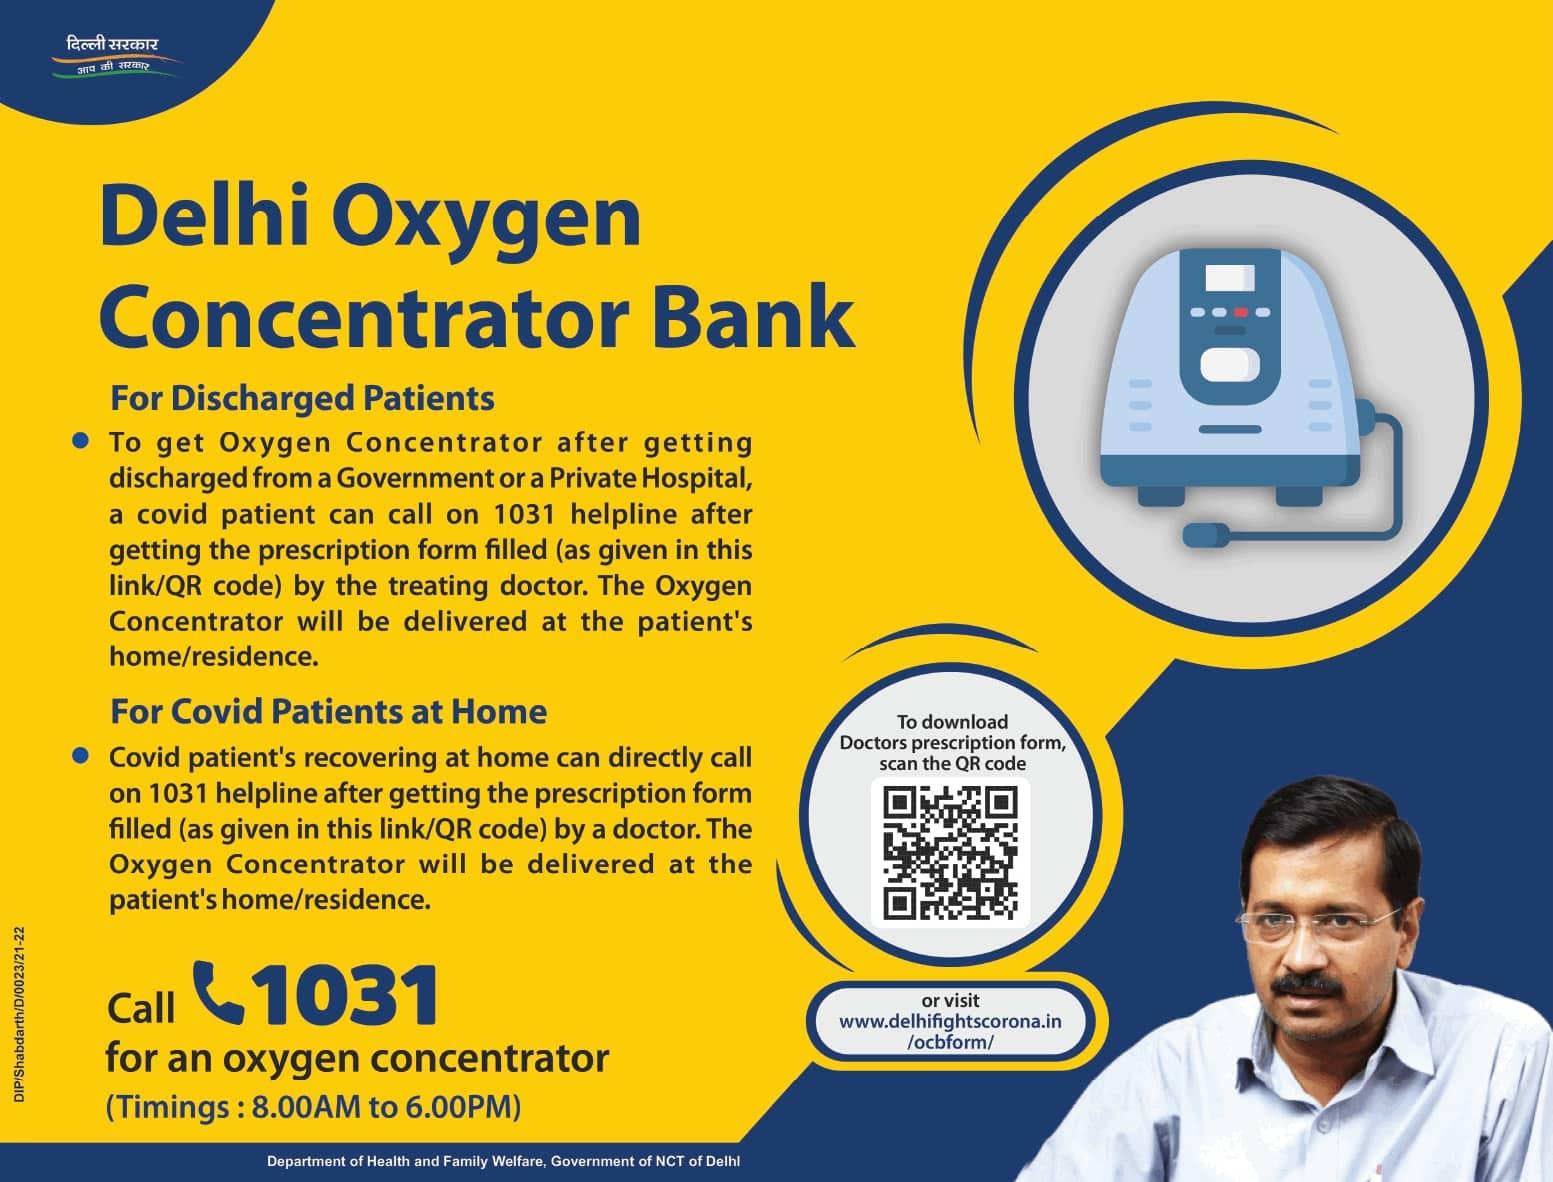 delhi-sarkar-delhi-oxygen-concentrator-bank-ad-times-of-india-delhi-04-06-2021